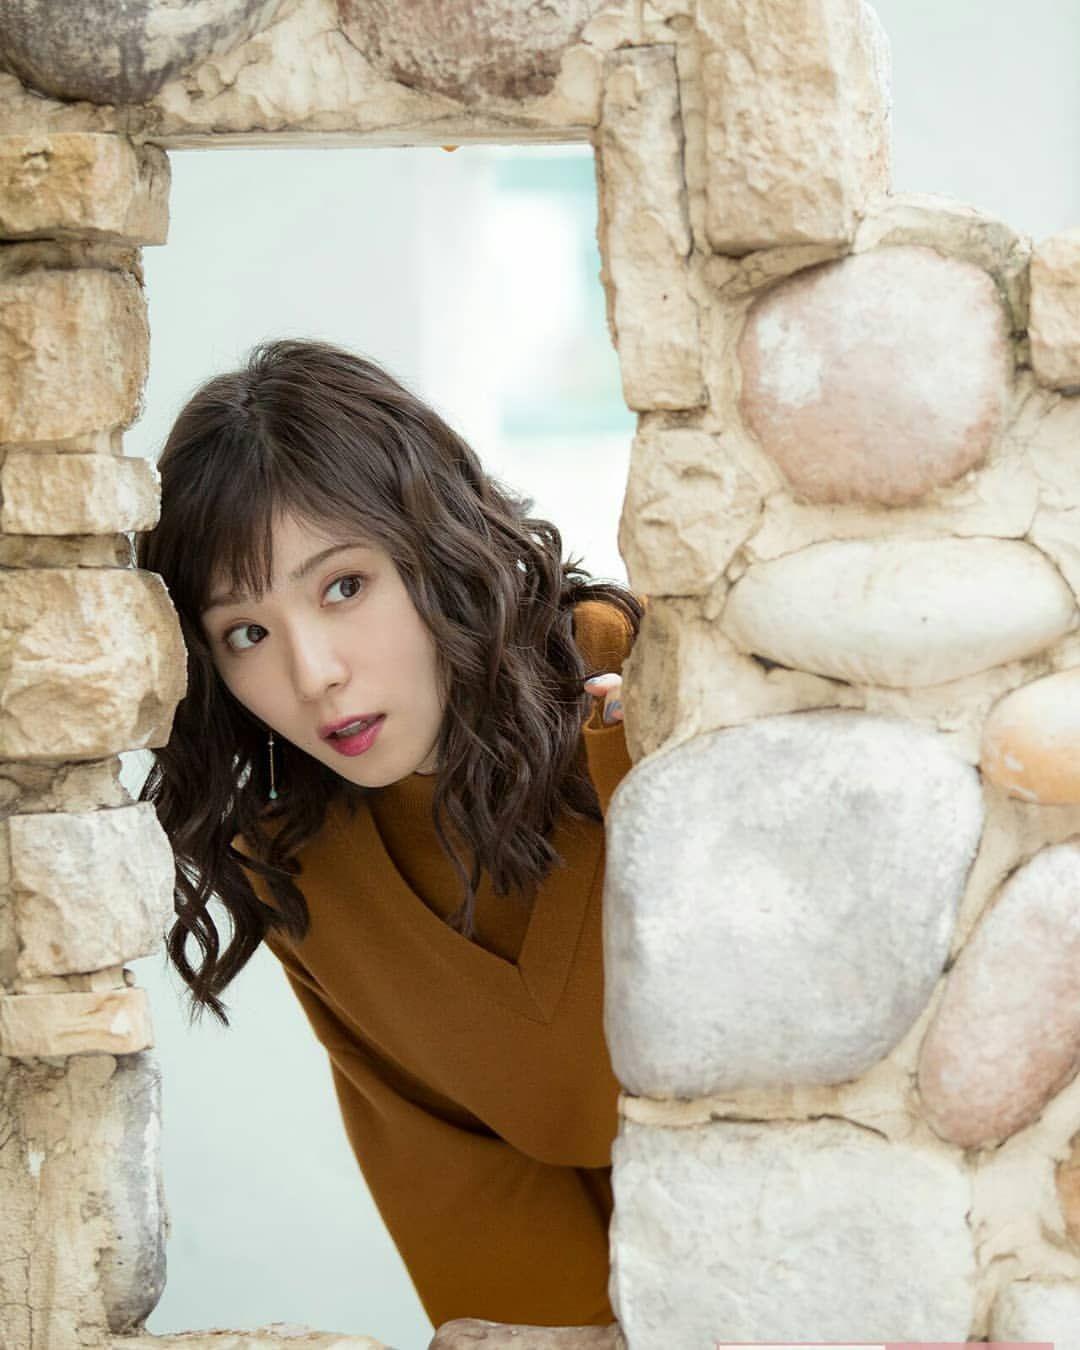 松岡茉優ディープフェイク